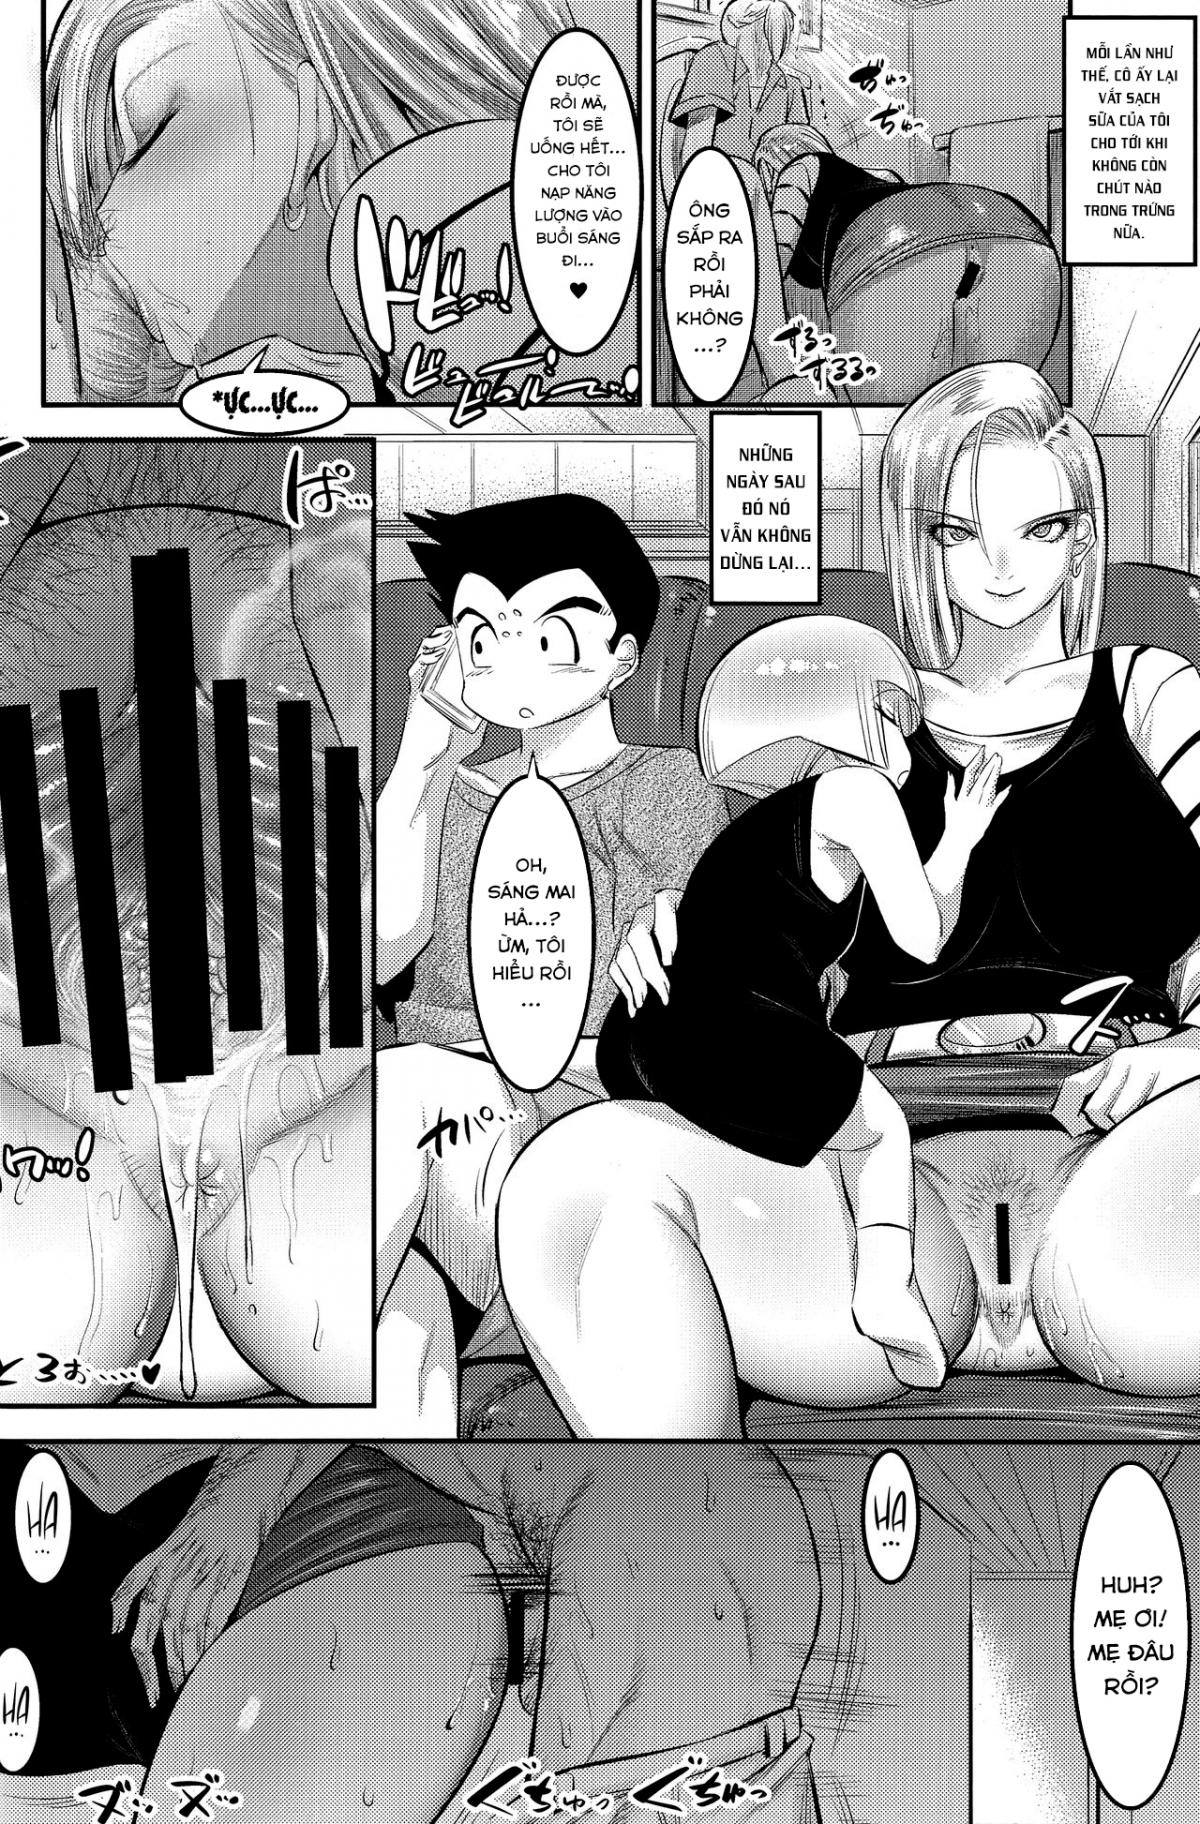 HentaiVN.net - Ảnh 24 - 18-gou ni Mainichi Muriyari Semen Shiboritorareru Hon - A Book About Getting Your Semen Forcibly Squeezed Out By No. 18 Every Single Day - Oneshot